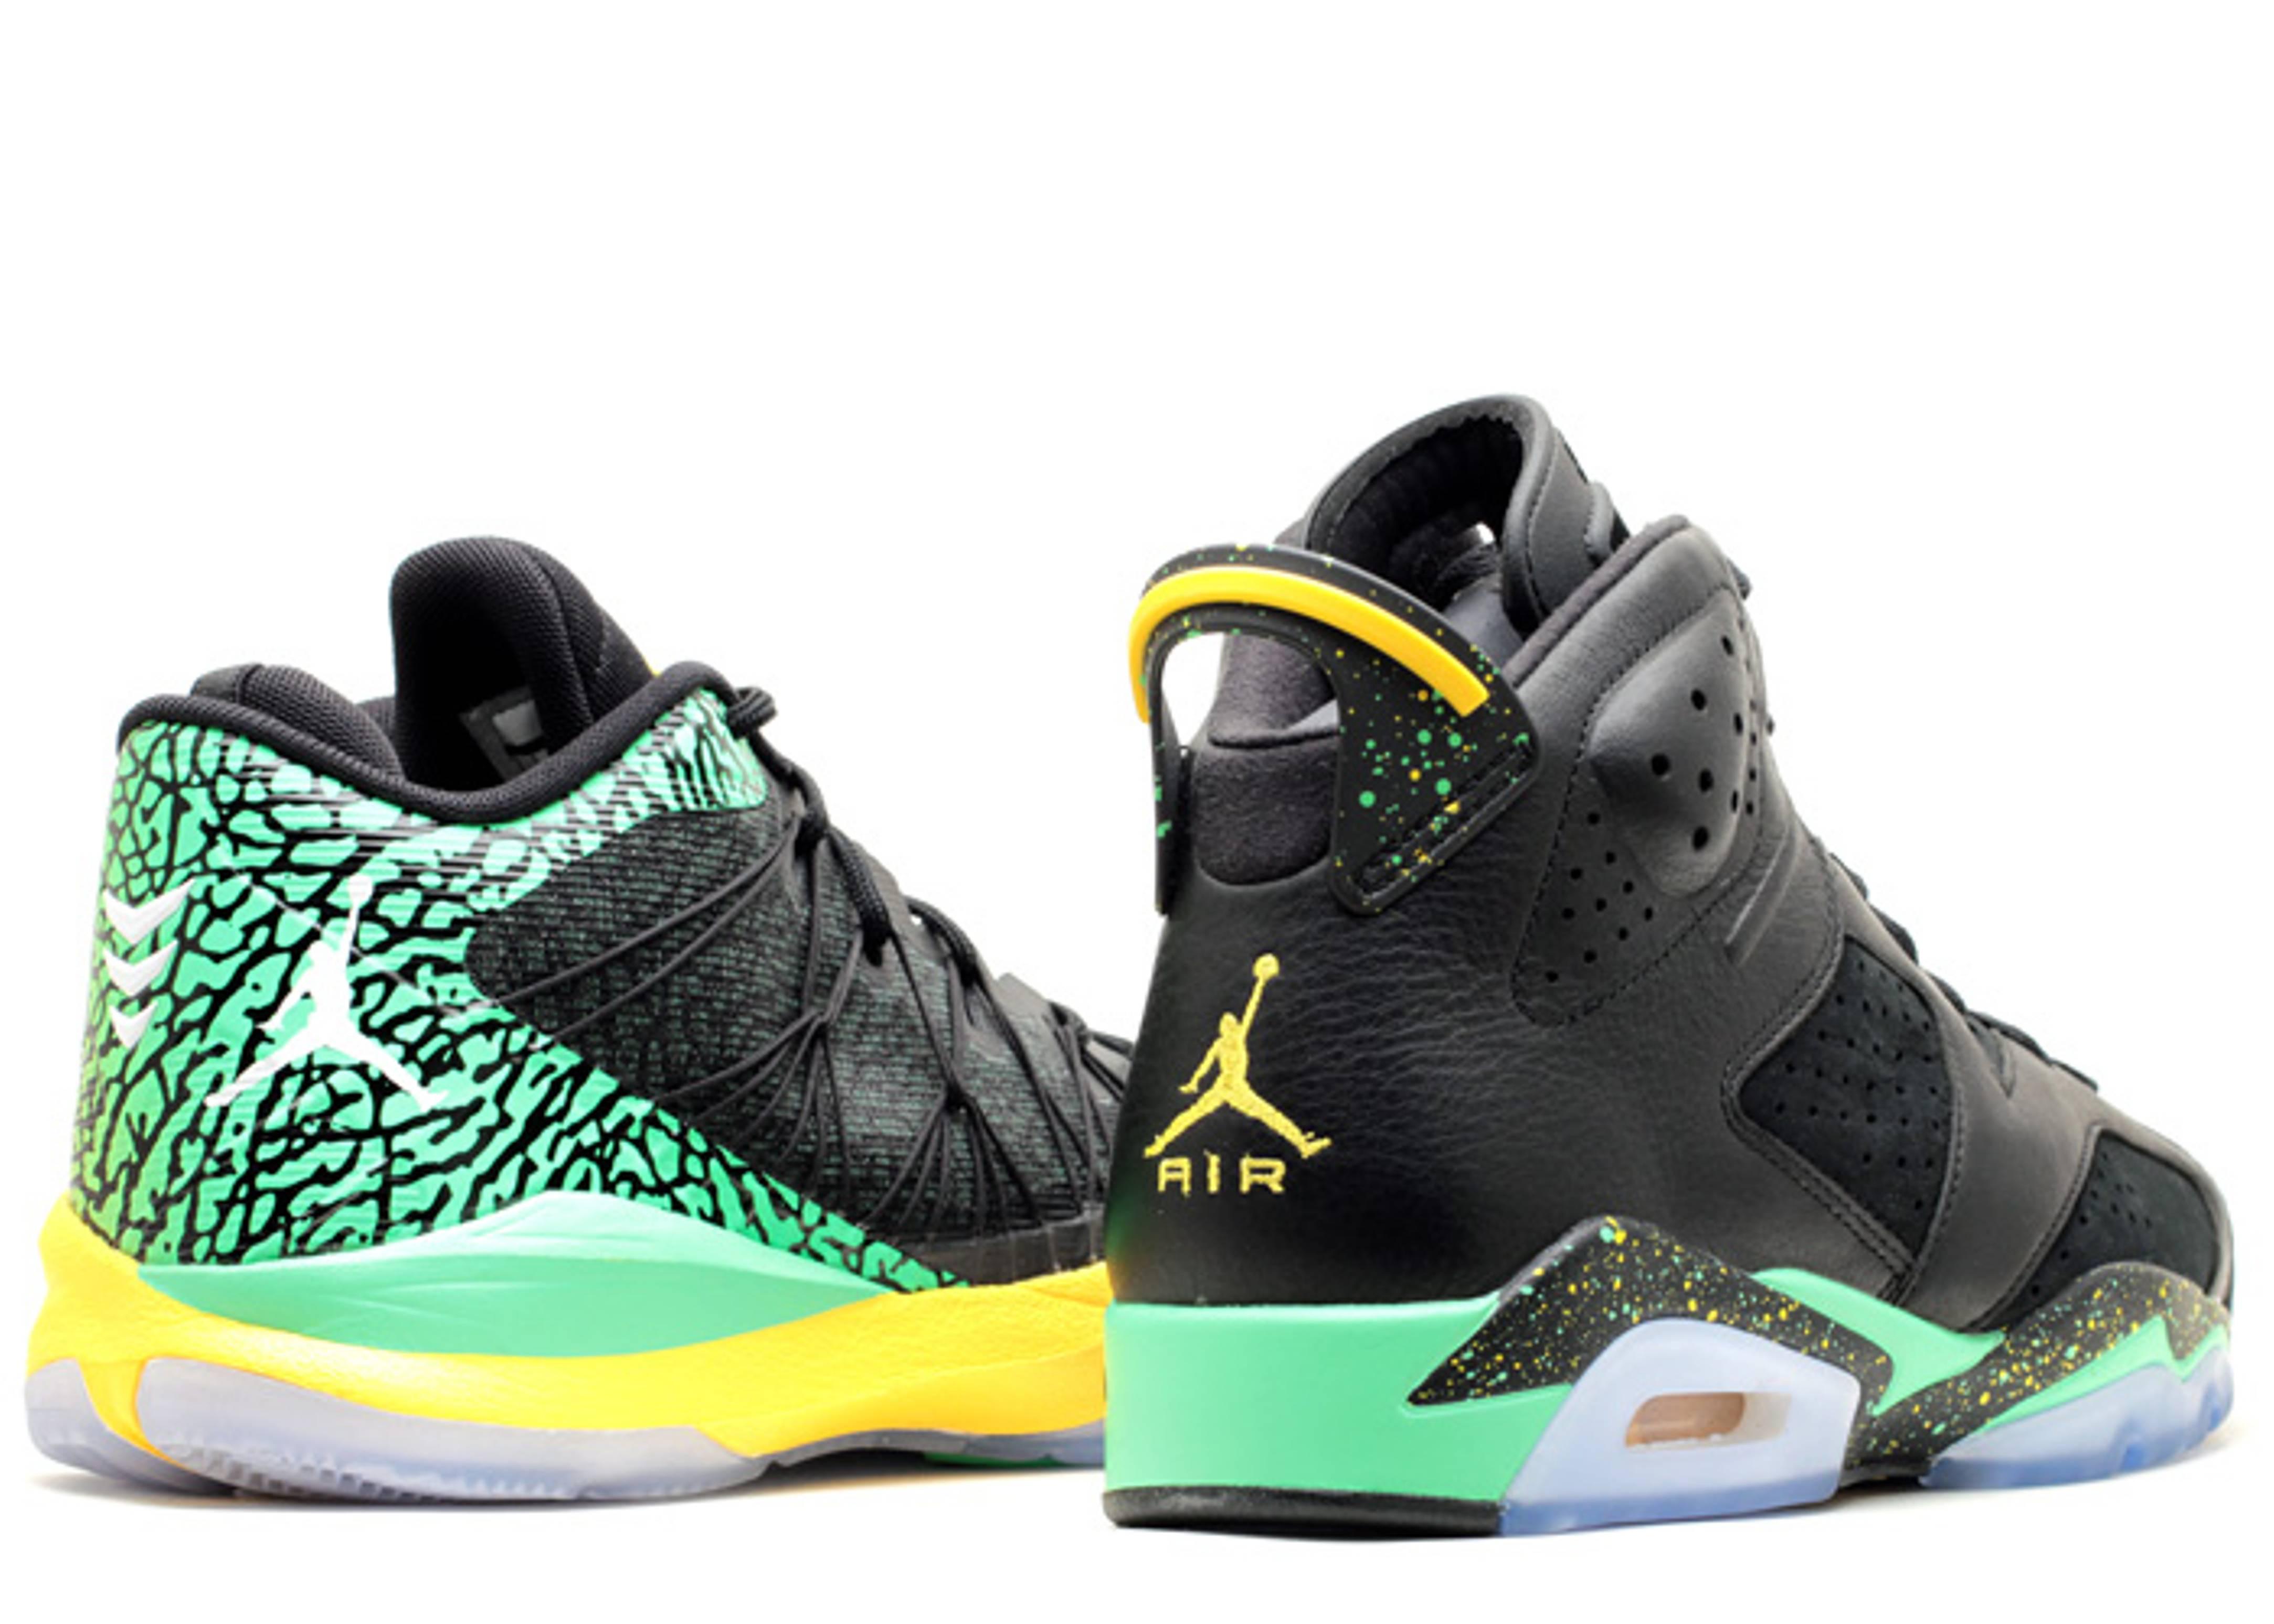 Jordan Brazil Pack 'Brazil Pack' - 688447-920 - Size 9 - 9PDc8HA